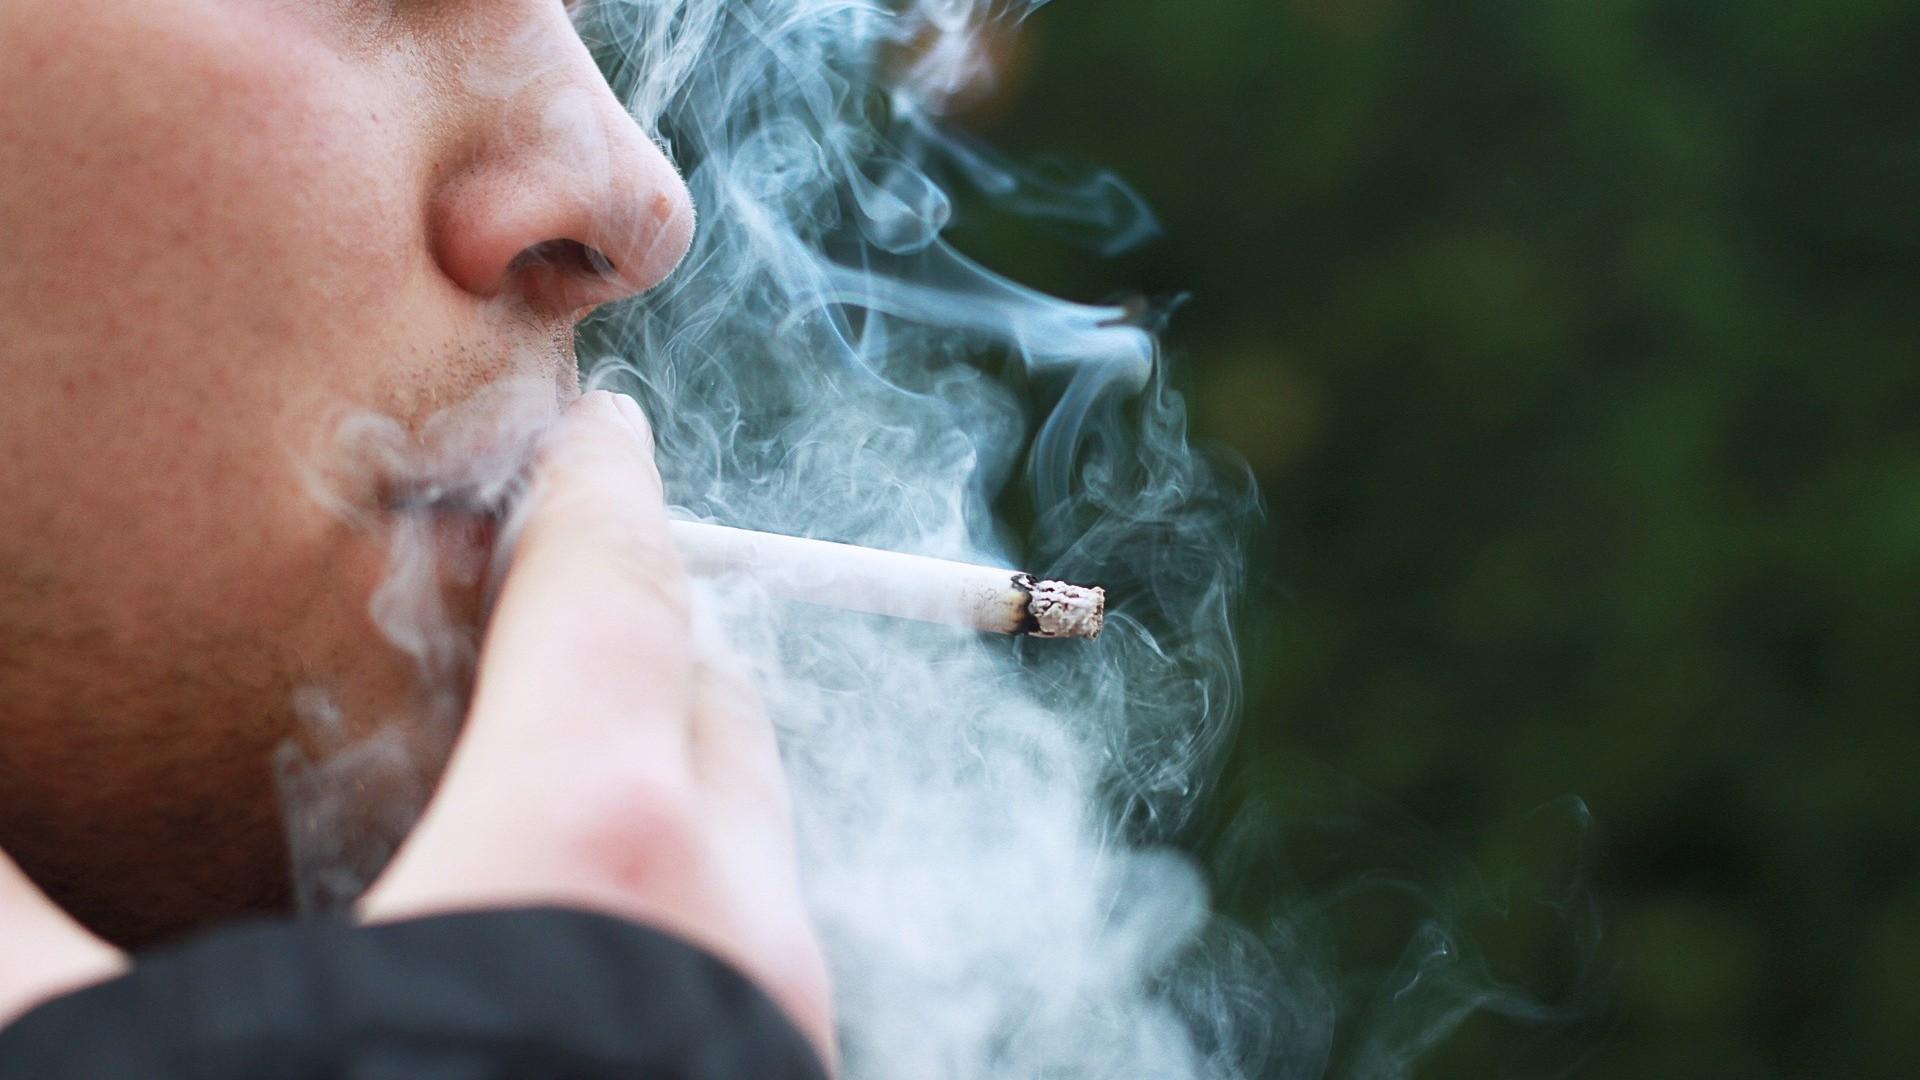 ▲抽菸,吸菸,肺癌,尼古丁。(圖/取自免費圖庫Pixabay)